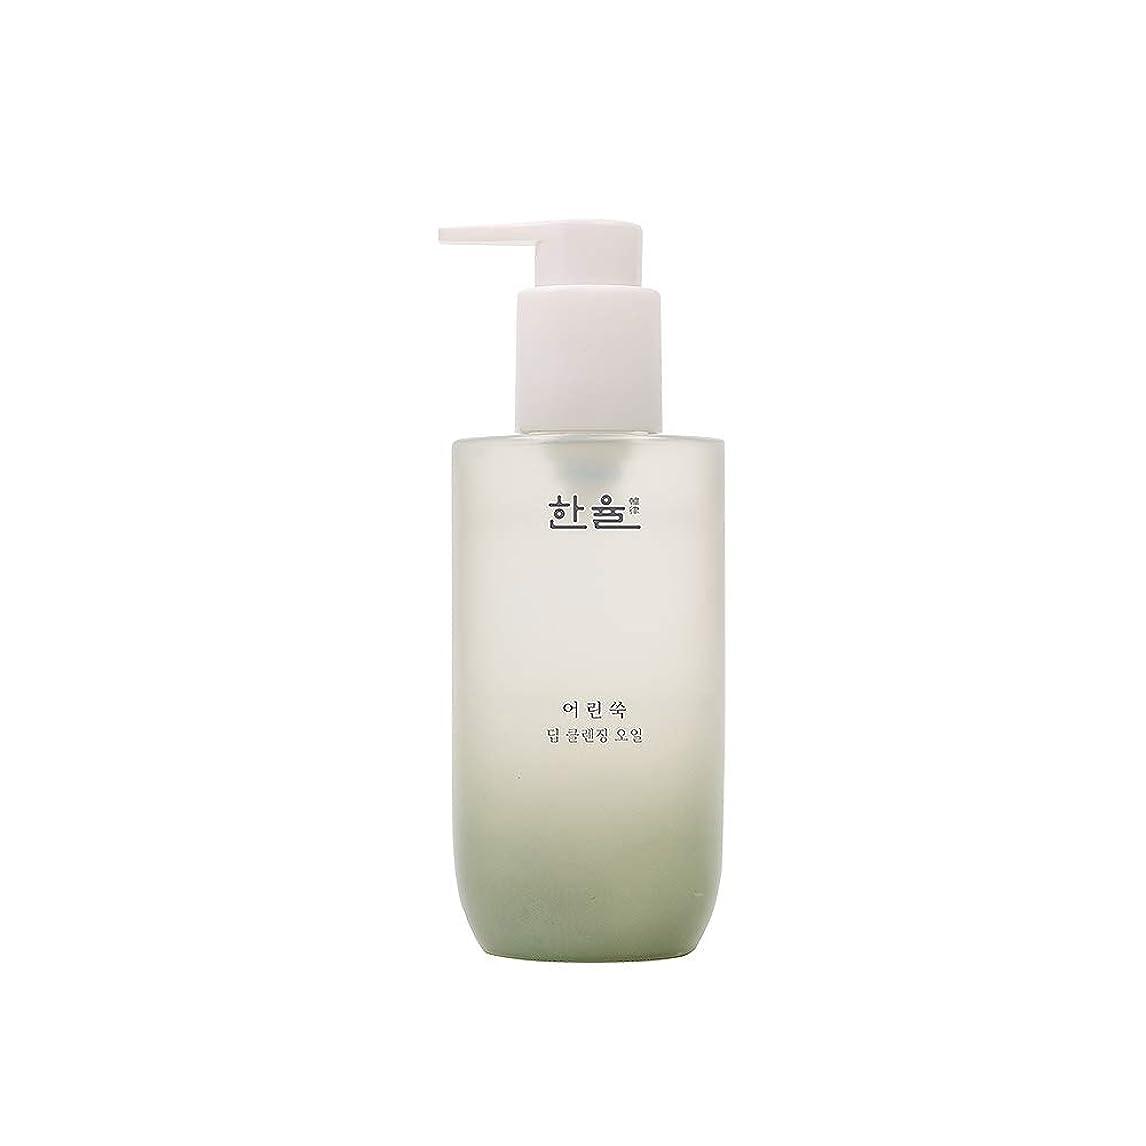 びっくりするシーフードほめる【HANYUL公式】 ハンユル ヨモギディープクレンジングオイル 200ml / Hanyul Pure Artemisia Deep cleansing oil 200ml